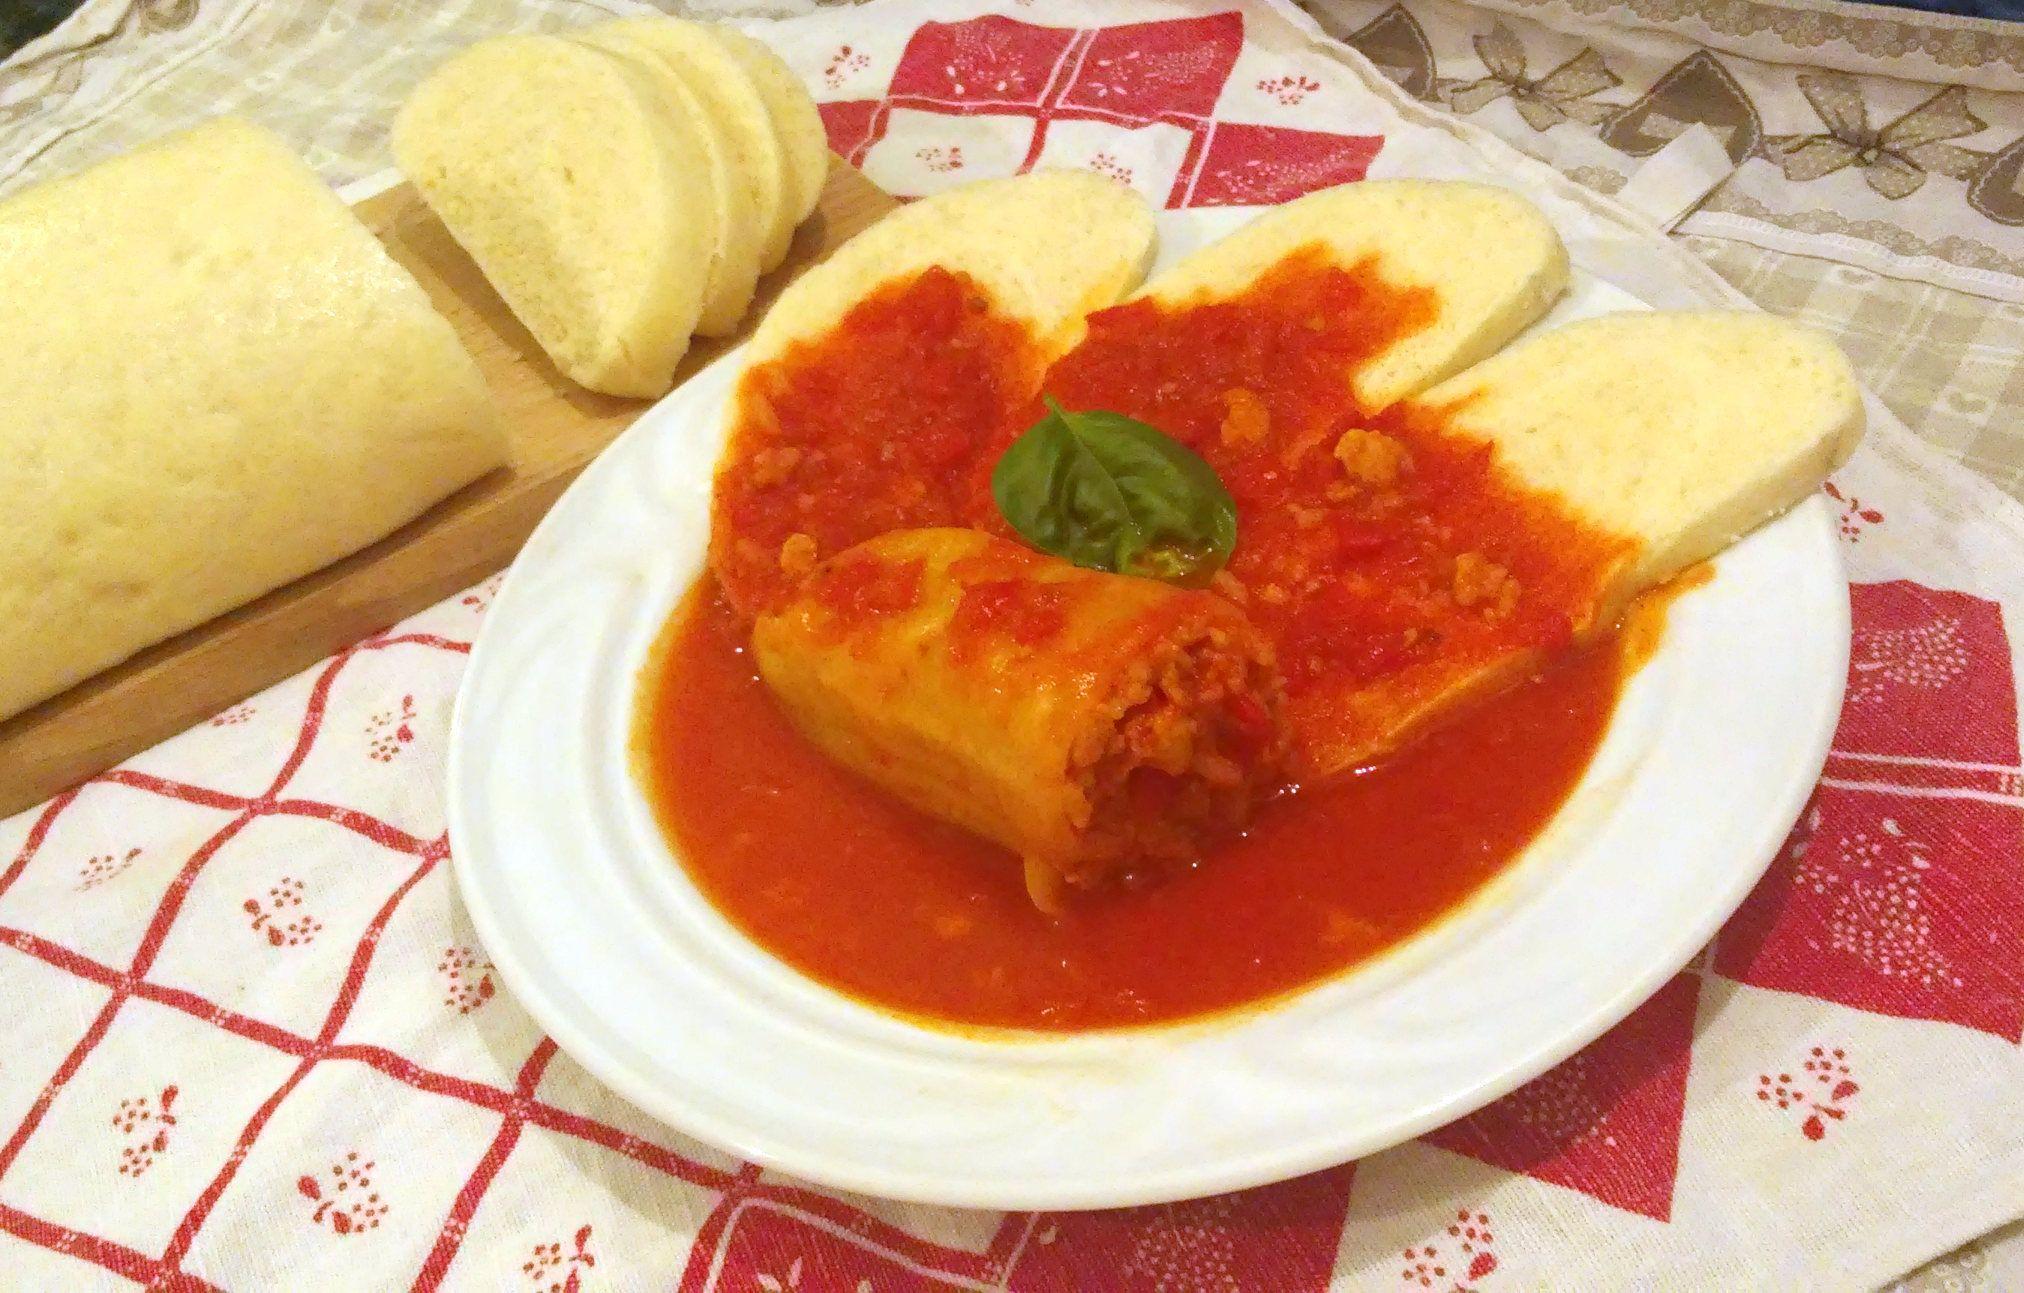 Bezmäsitá plnená paprika s knedľou - tempeh namiesto mäsa